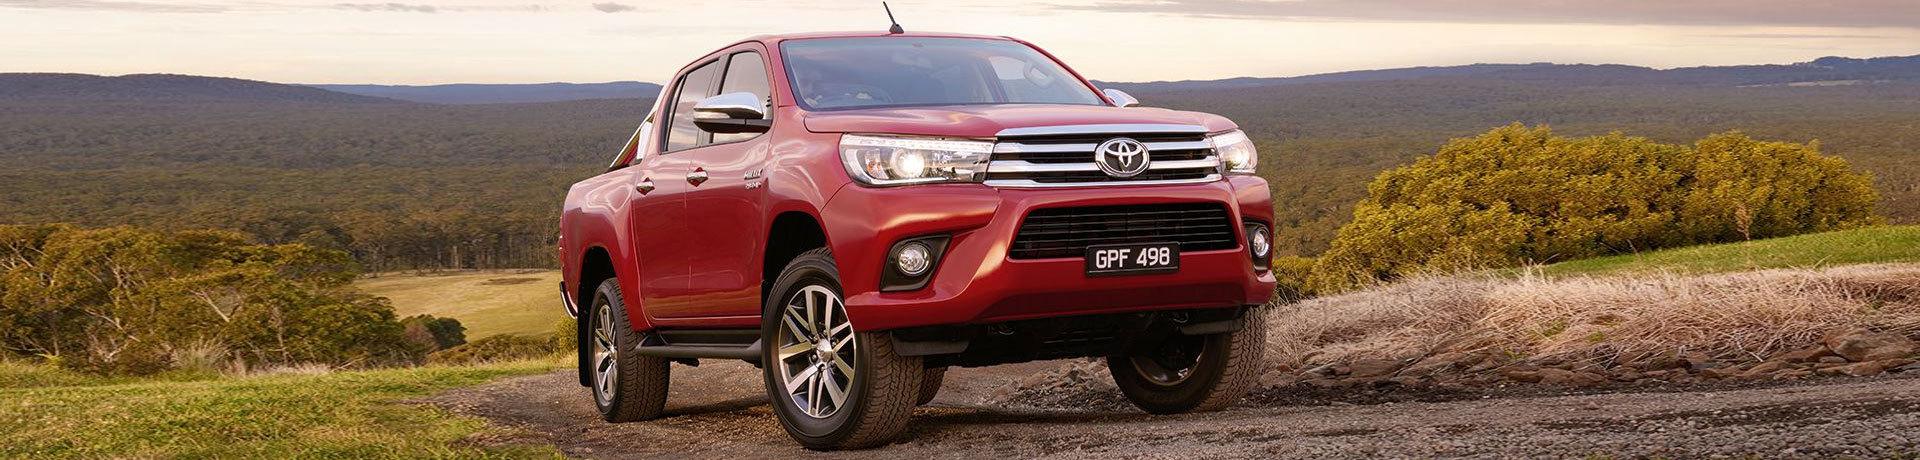 Wangaratta Motors | Banner 1